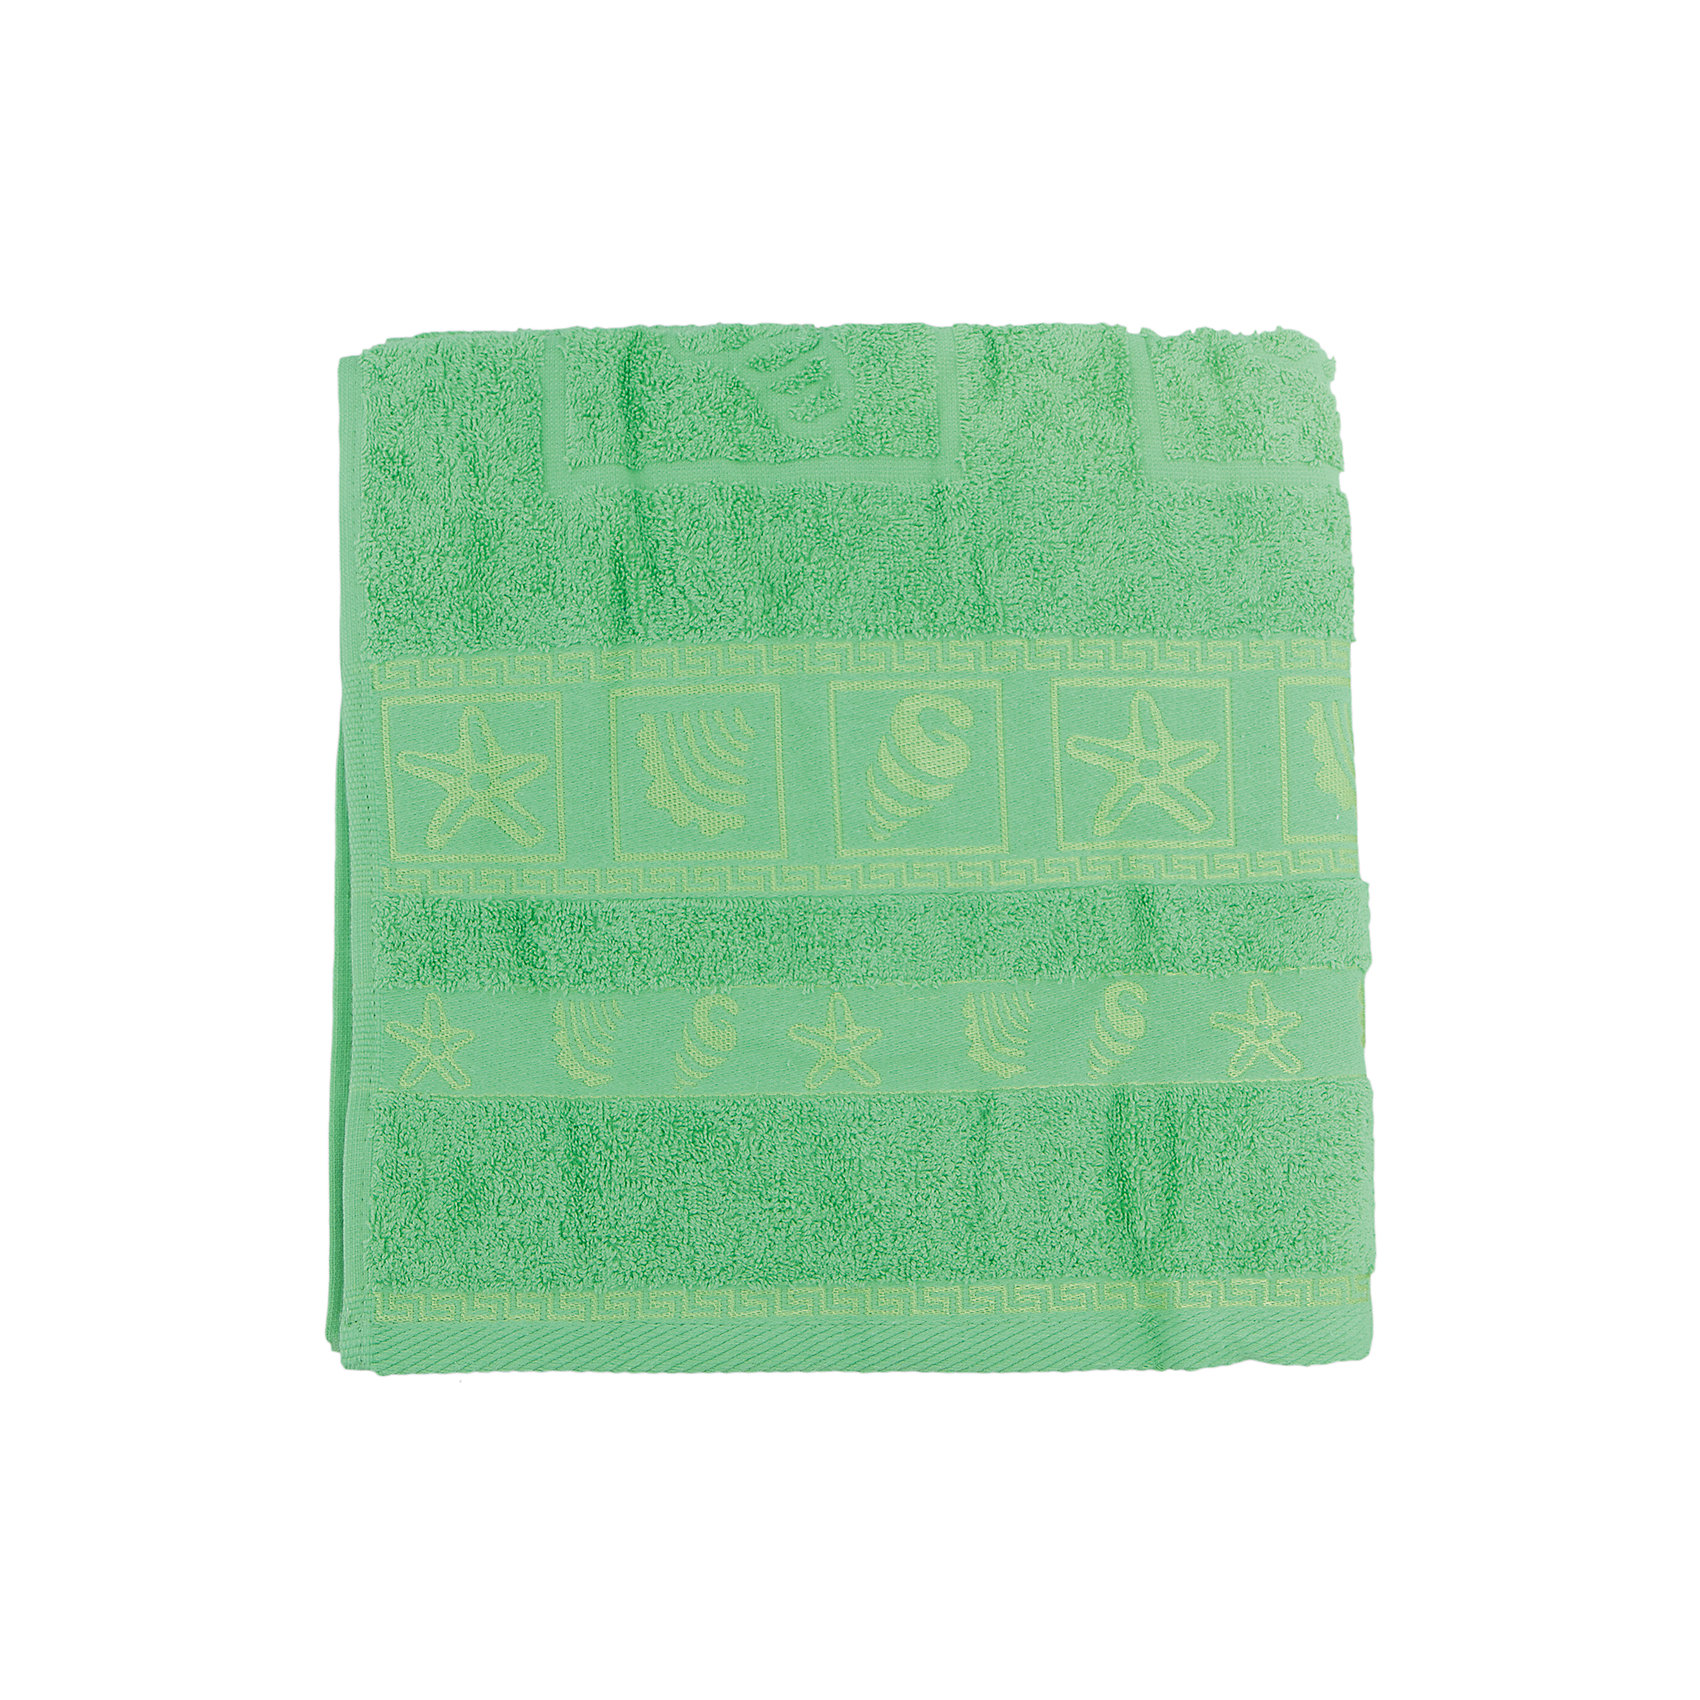 Полотенце махровое Shell 70*140, Португалия, салатовыйВанная комната<br>Махровое полотенце Shell идеально подходит для вашей ванной комнаты. Оно хорошо впитывает влагу и обладает высокой прочностью. Полотенце выполнено из качественного хлопка с применением стойких безопасных красителей. Край полотенца украшен вышивкой на морскую тематику.<br><br>Дополнительная информация:<br>Размер: 70х140 см<br>Материал: 100% хлопок<br>Плотность: 500 г/м2<br>Цвет: салатовый<br>Торговая марка: Португалия<br><br>Махровое полотенце Shell вы можете купить а нашем интернет-магазине.<br><br>Ширина мм: 500<br>Глубина мм: 500<br>Высота мм: 200<br>Вес г: 400<br>Возраст от месяцев: 0<br>Возраст до месяцев: 144<br>Пол: Унисекс<br>Возраст: Детский<br>SKU: 5010983